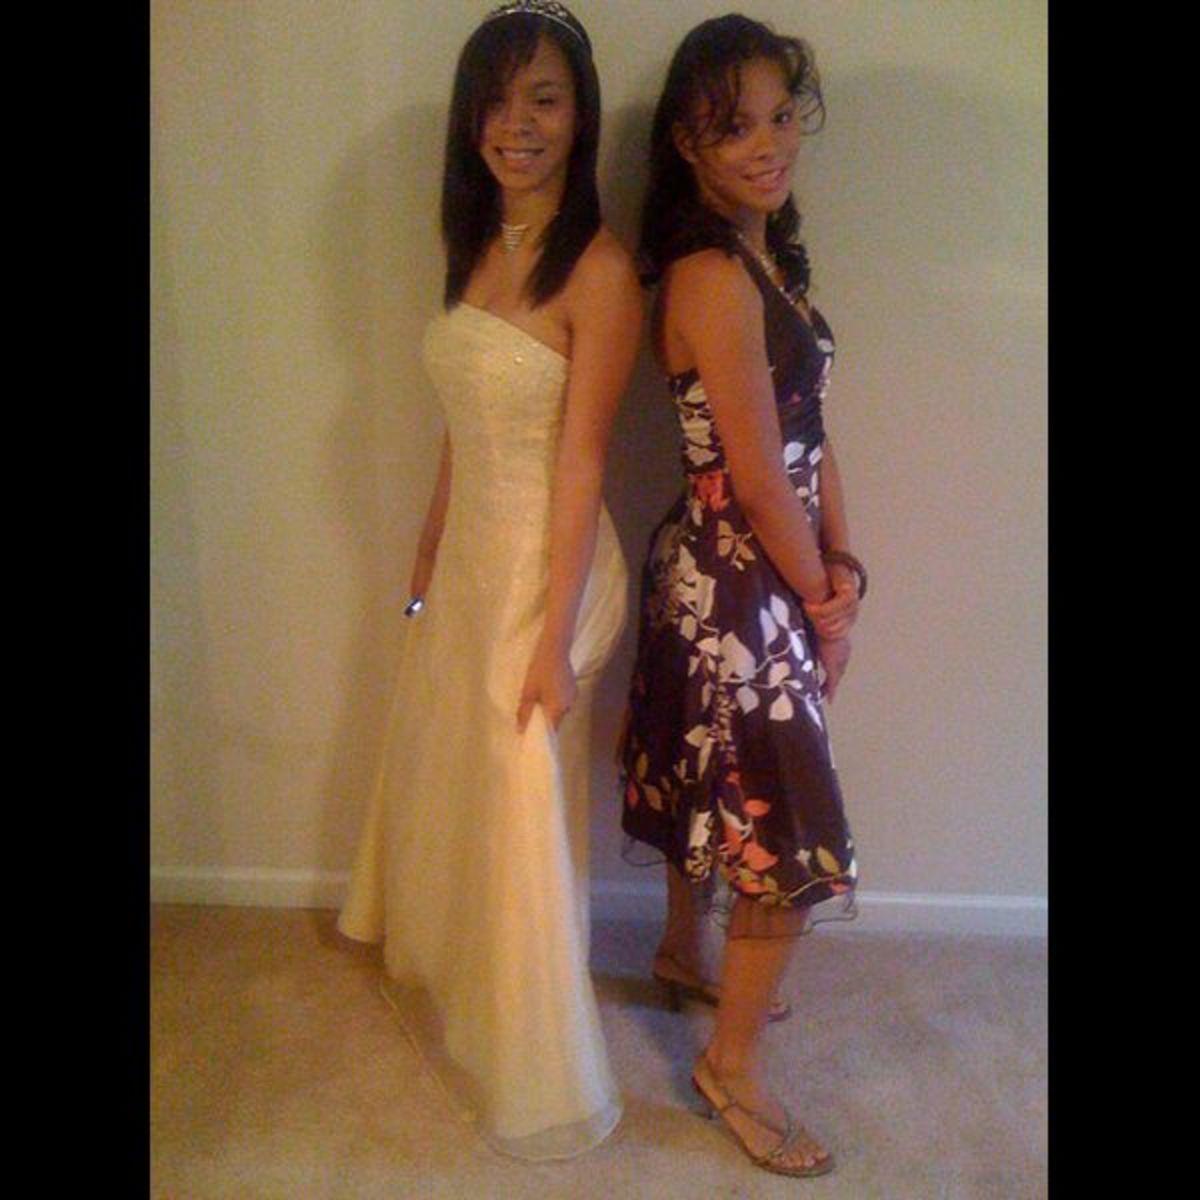 Jasmiyah and Tasmiyah Whitehead